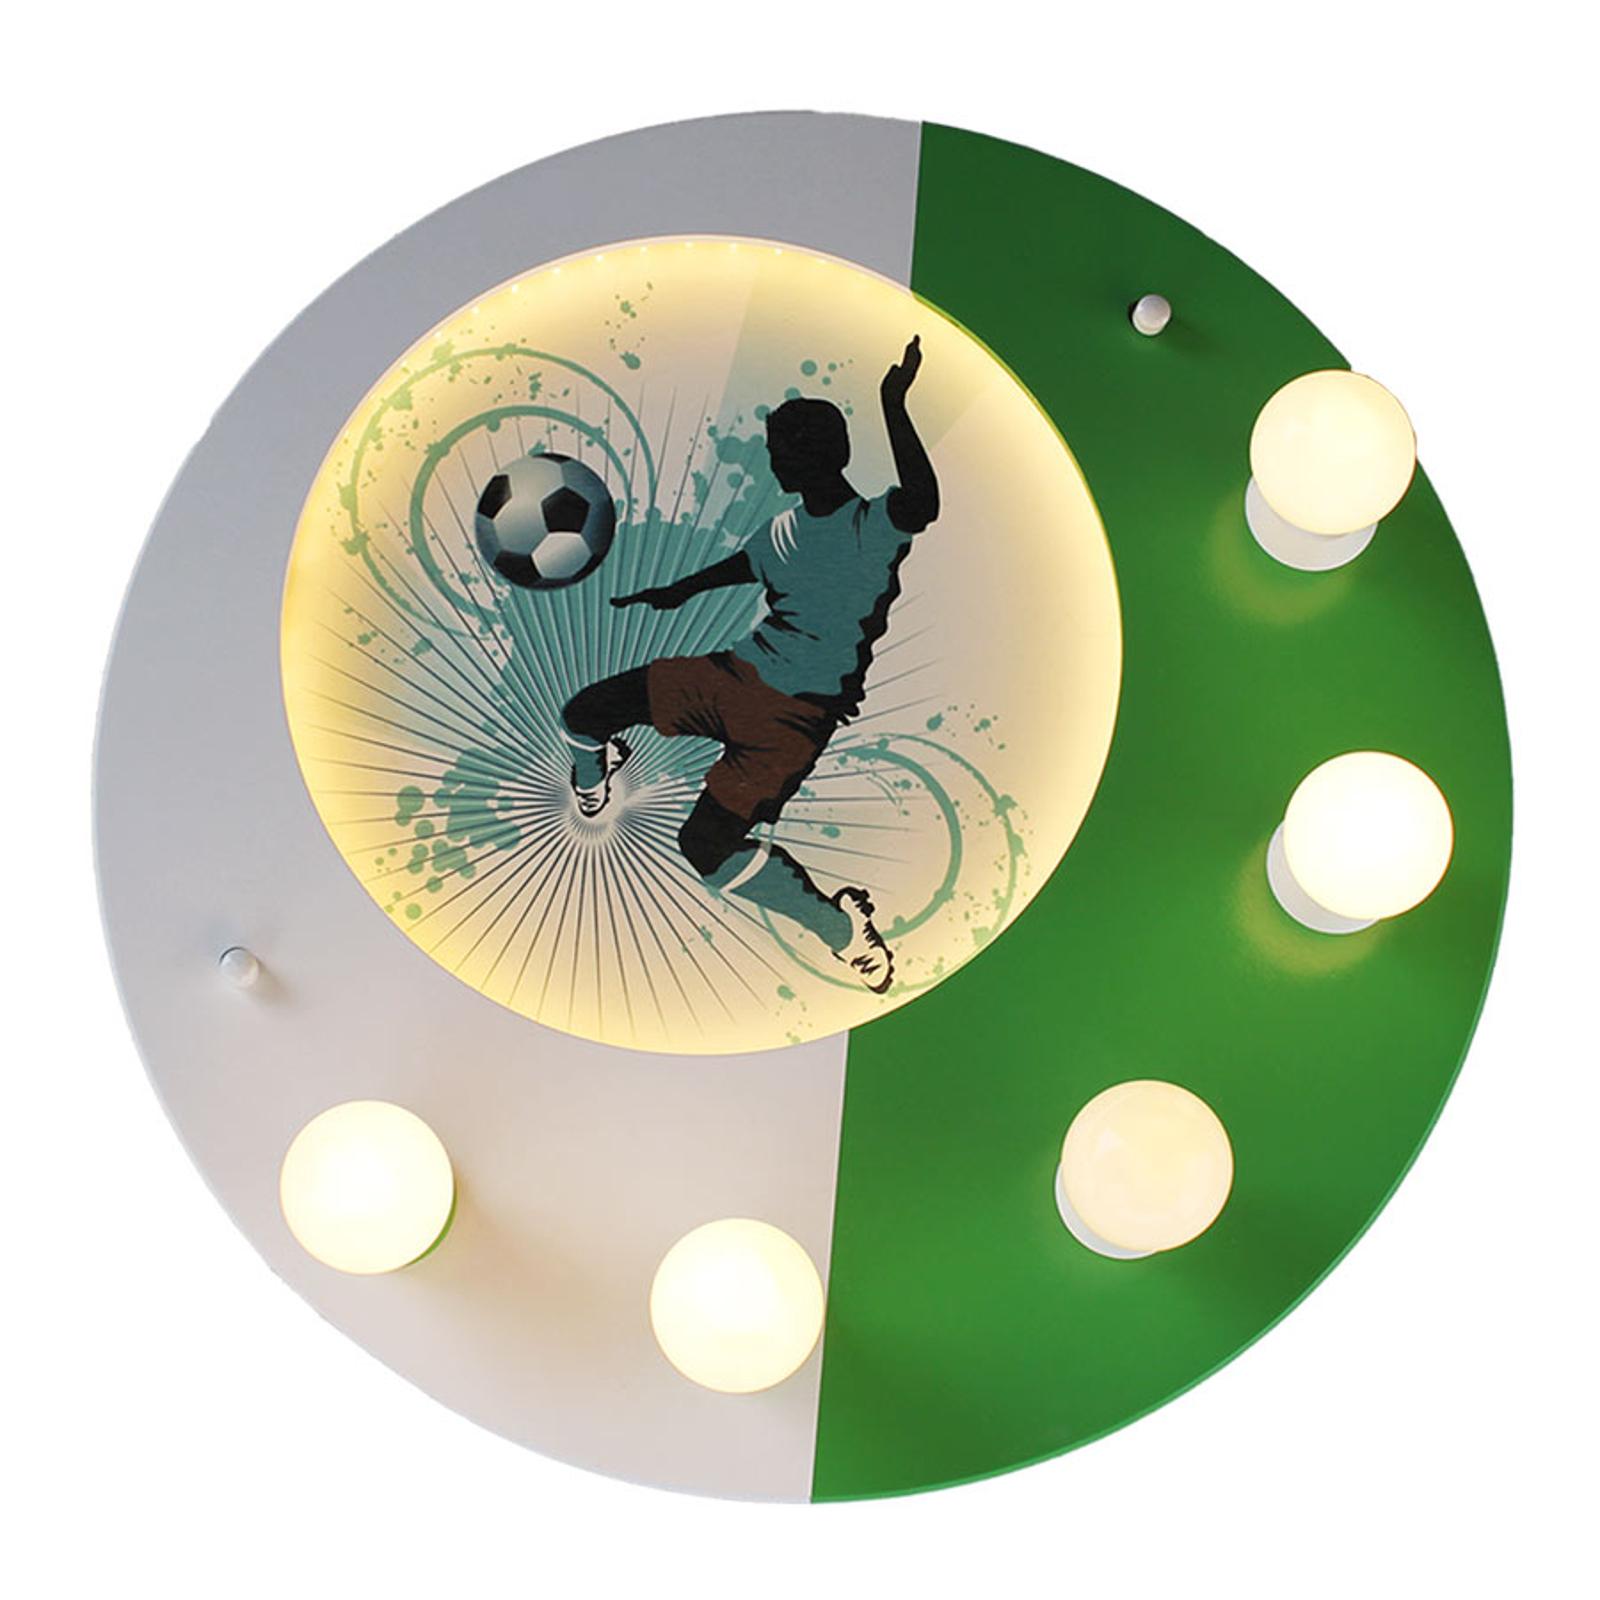 Taklampa Soccer, 5 lampor, grön-vit